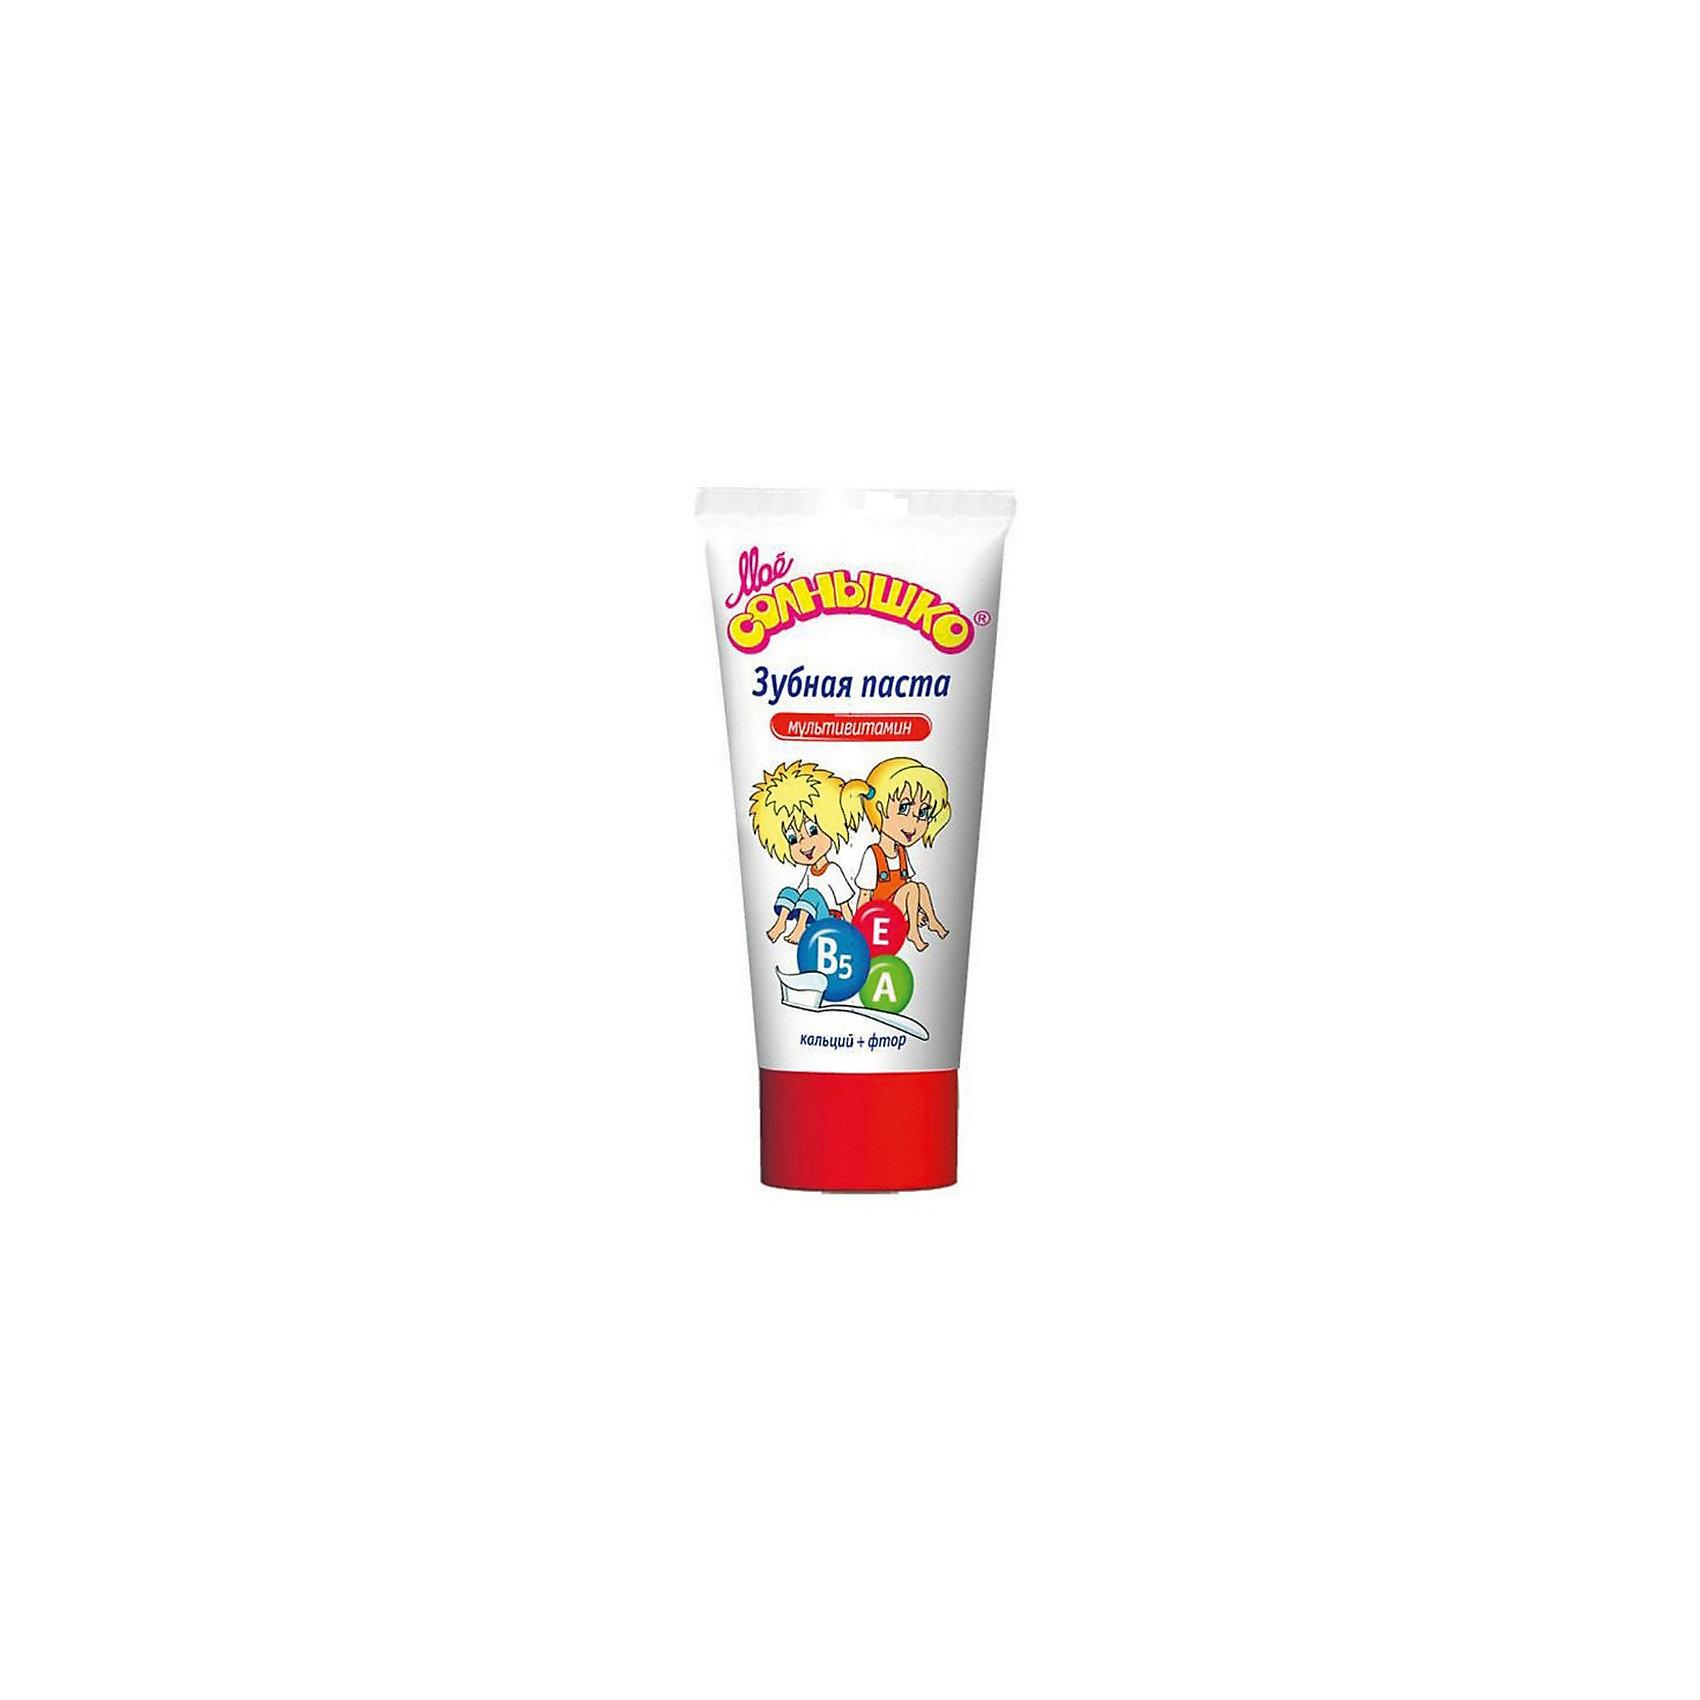 Зубная паста мультивитамин 65 г., Моё солнышкоЗубная паста Моё солнышко мультивитамин предназначена для ежедневного ухода за молочными и постоянными зубами ребенка. Благодаря специальному комплексу кальция и фтора укрепляет зубную эмаль, обеспечивает ее востановление и надежную защиту от кариеса. Витамины А, В5 и Е способствуют формированию здоровых зубов. Обладает мягким очищающим действием. Хорошо пенится.<br><br>Ширина мм: 55<br>Глубина мм: 33<br>Высота мм: 115<br>Вес г: 70<br>Возраст от месяцев: 24<br>Возраст до месяцев: 60<br>Пол: Унисекс<br>Возраст: Детский<br>SKU: 4124437